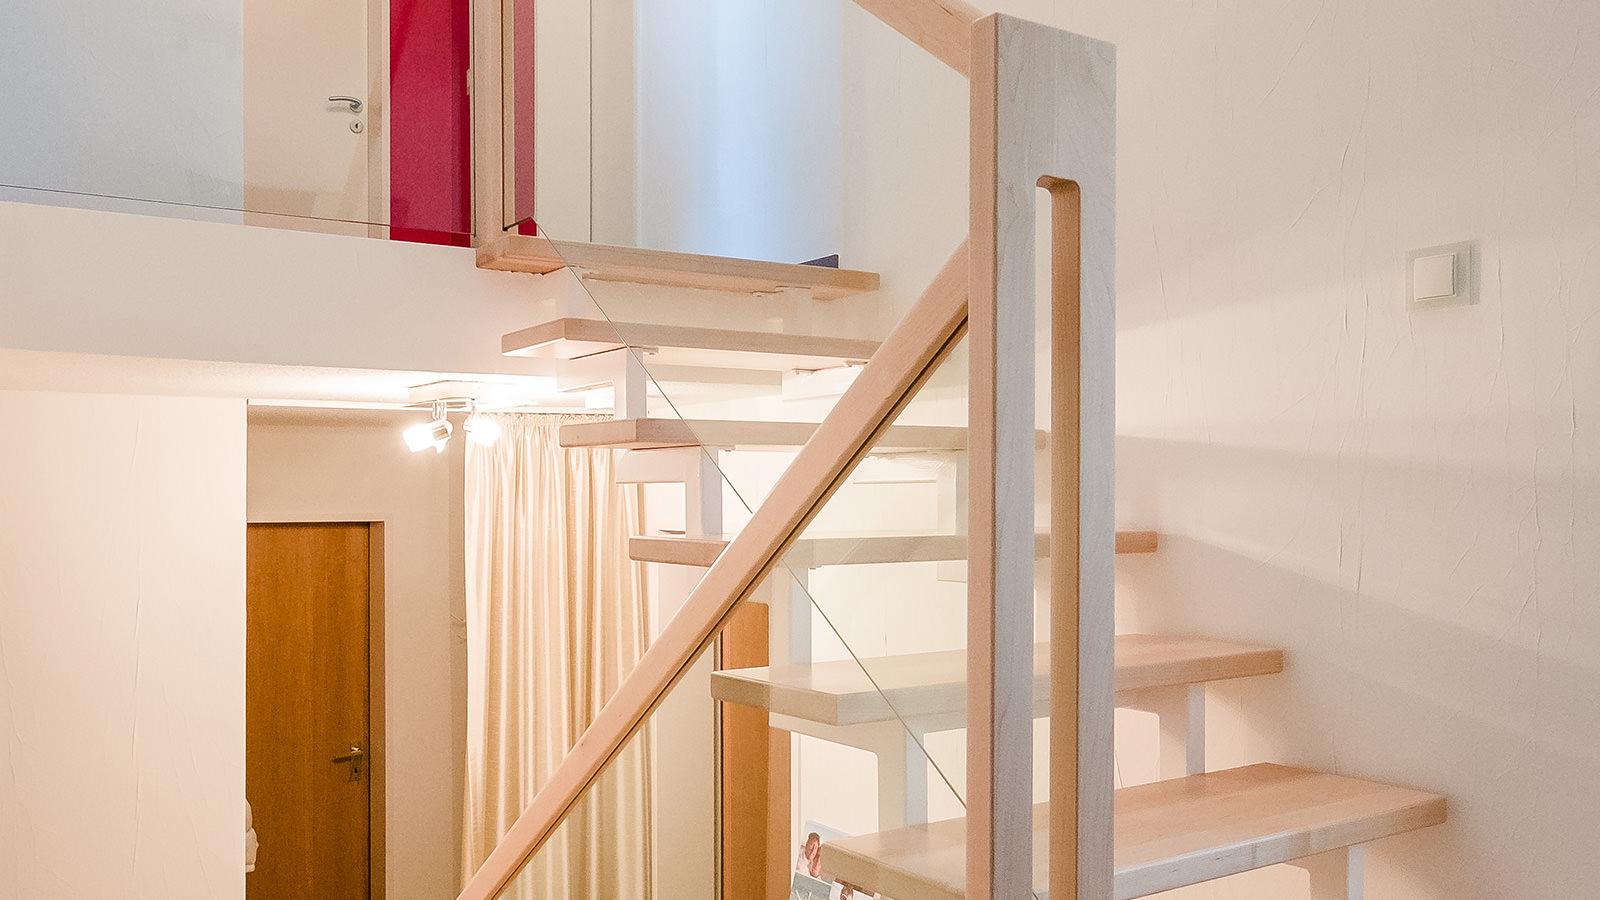 Tischlerei Hagemeier, Projekte, Treppensanierung in Bielefeld, Treppenstufen aus Ahorn